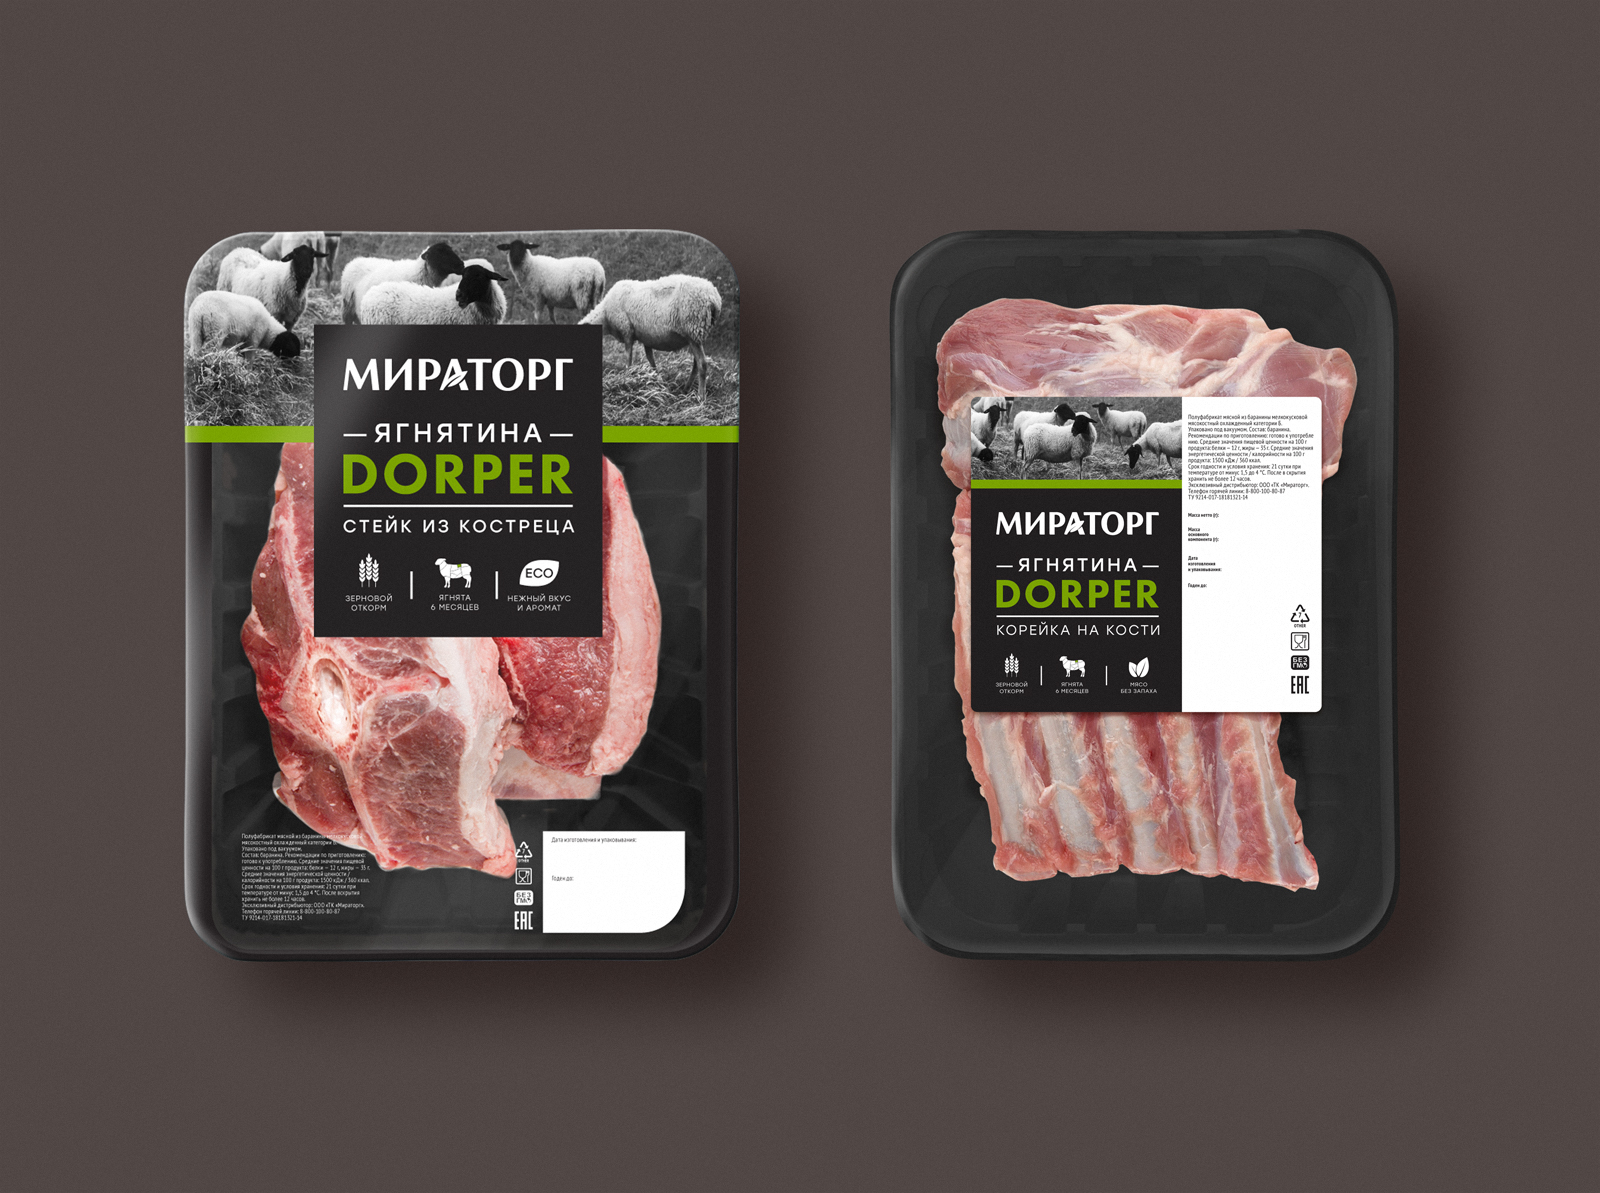 Дизайн упаковки премиальной линейки Dorper от «Мираторг» акцентирует внимание на особой породе и подчеркивает гастрономический вкус нежной ягнятины